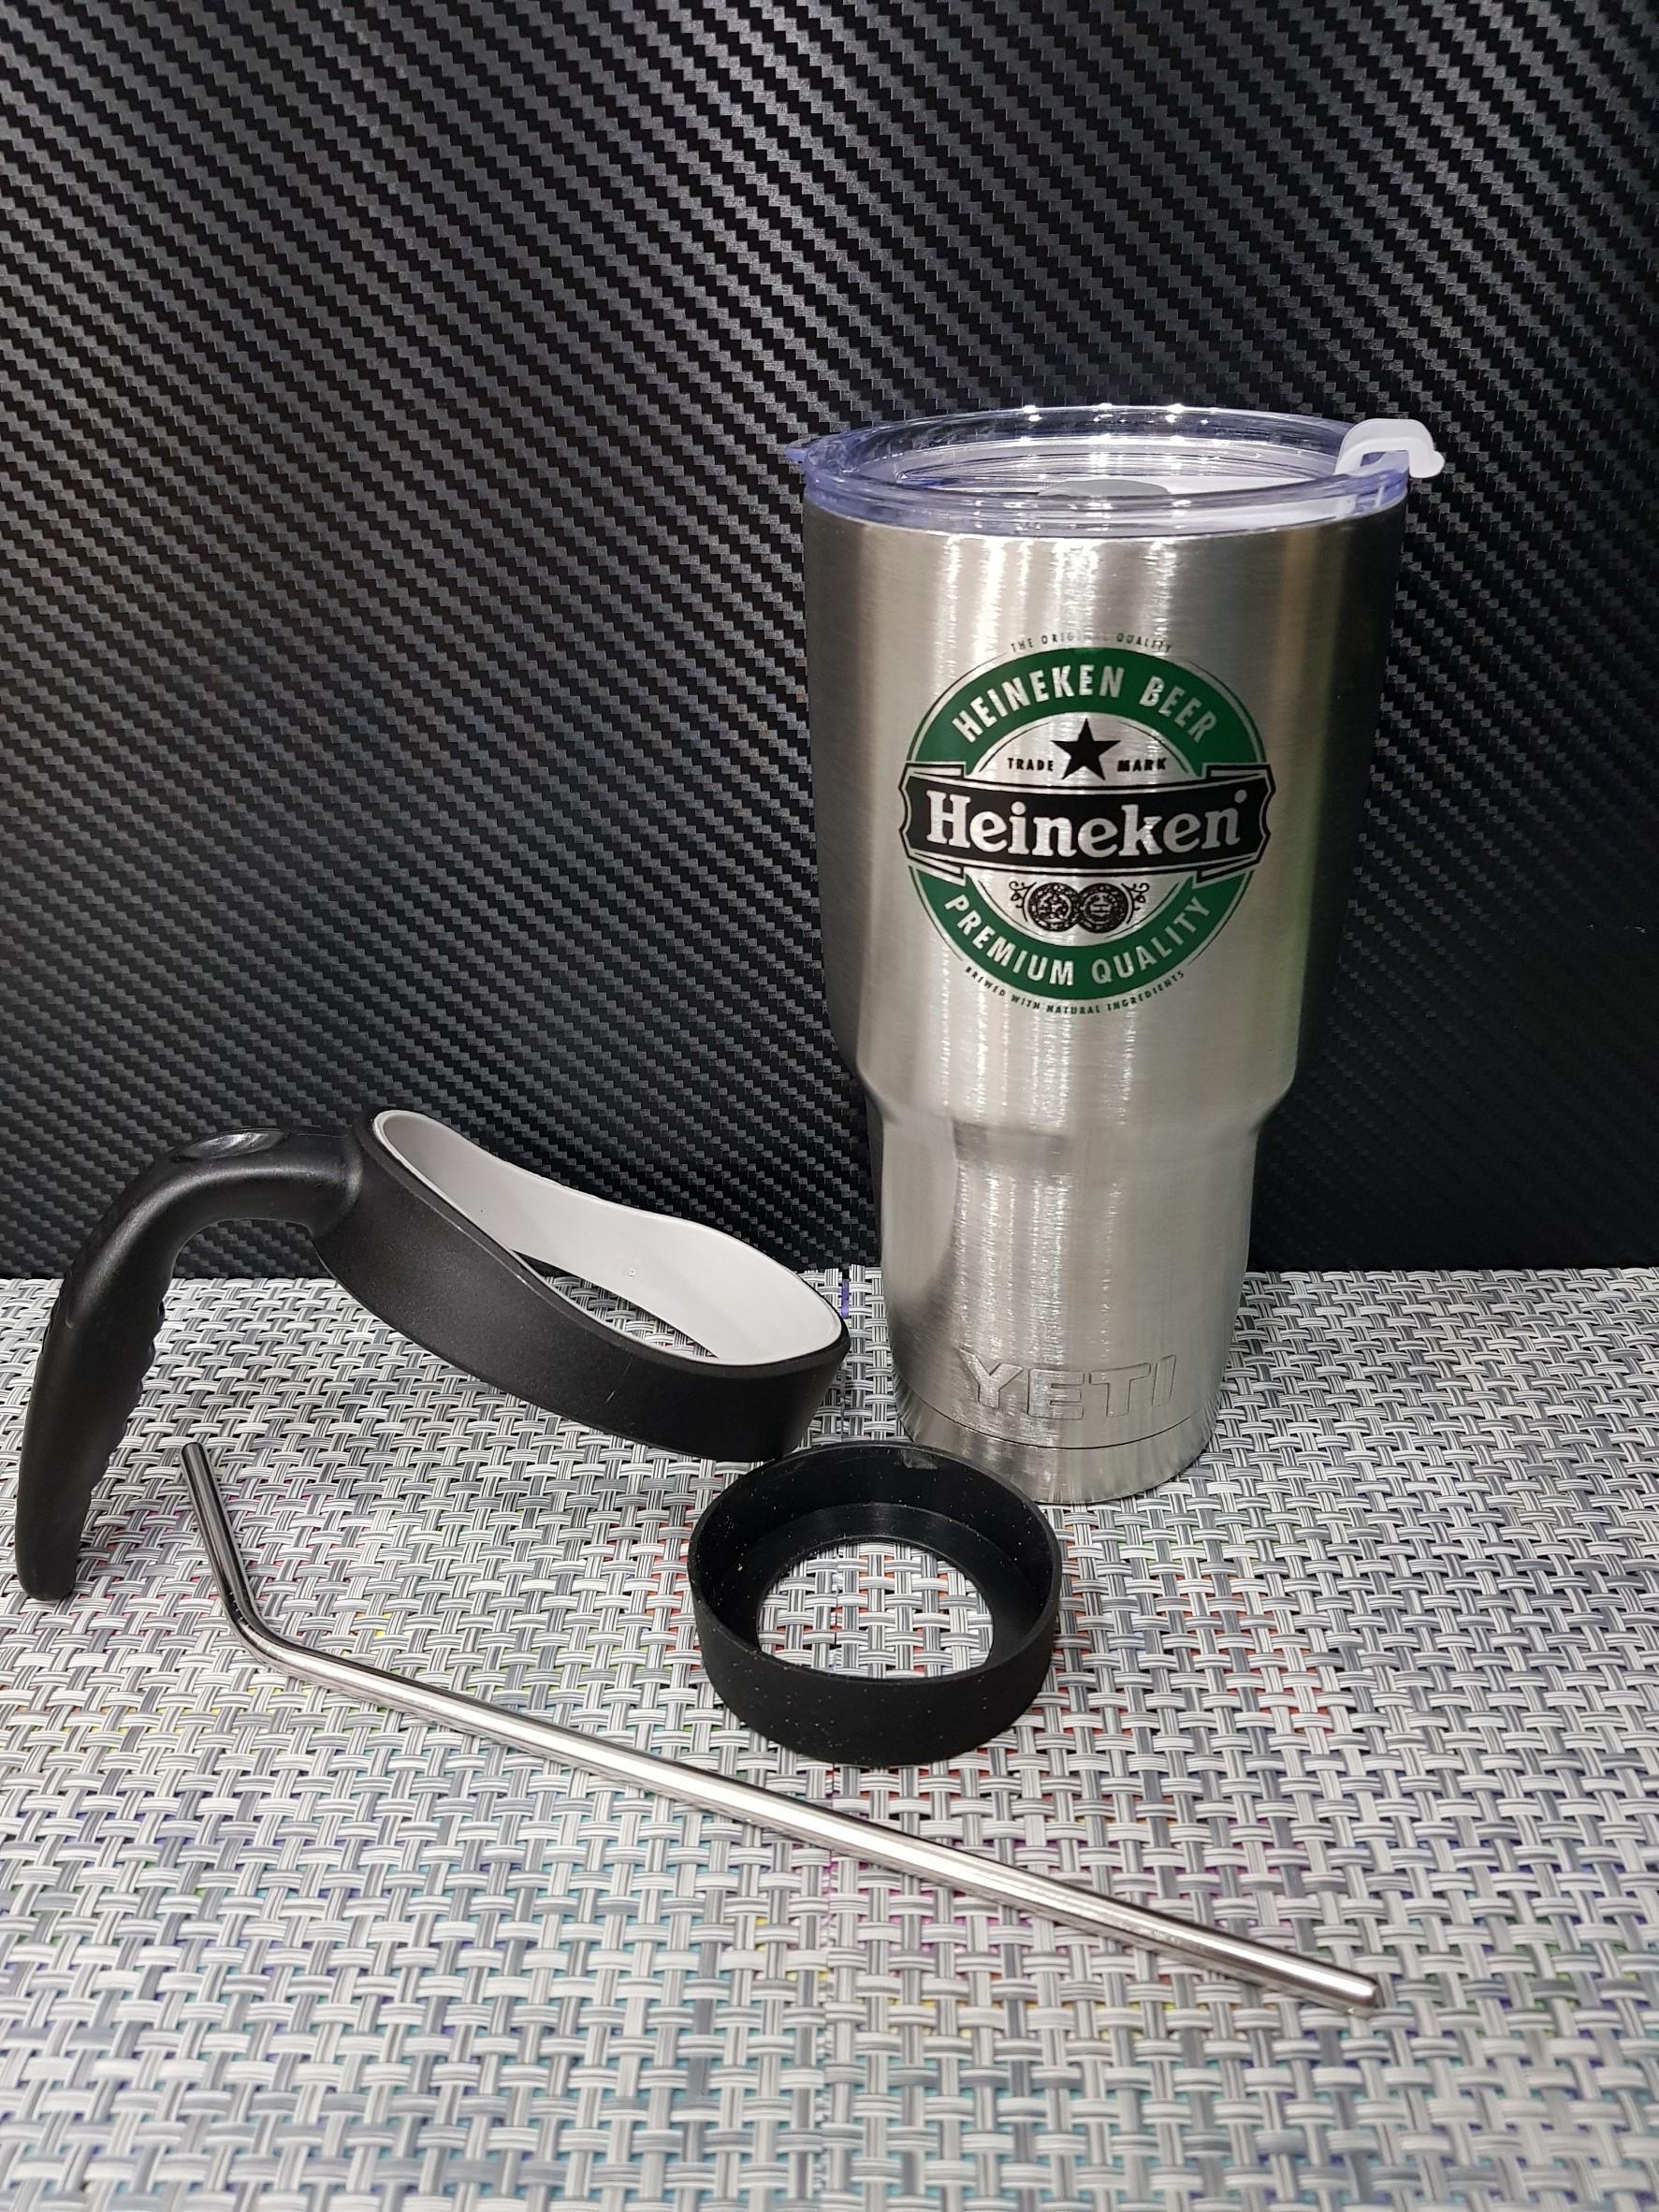 ชุดแก้วเยติ 30 ออนซ์ พื้นสีเงิน โลโก้ Heineken สีเขียวเข้มสลับดำ